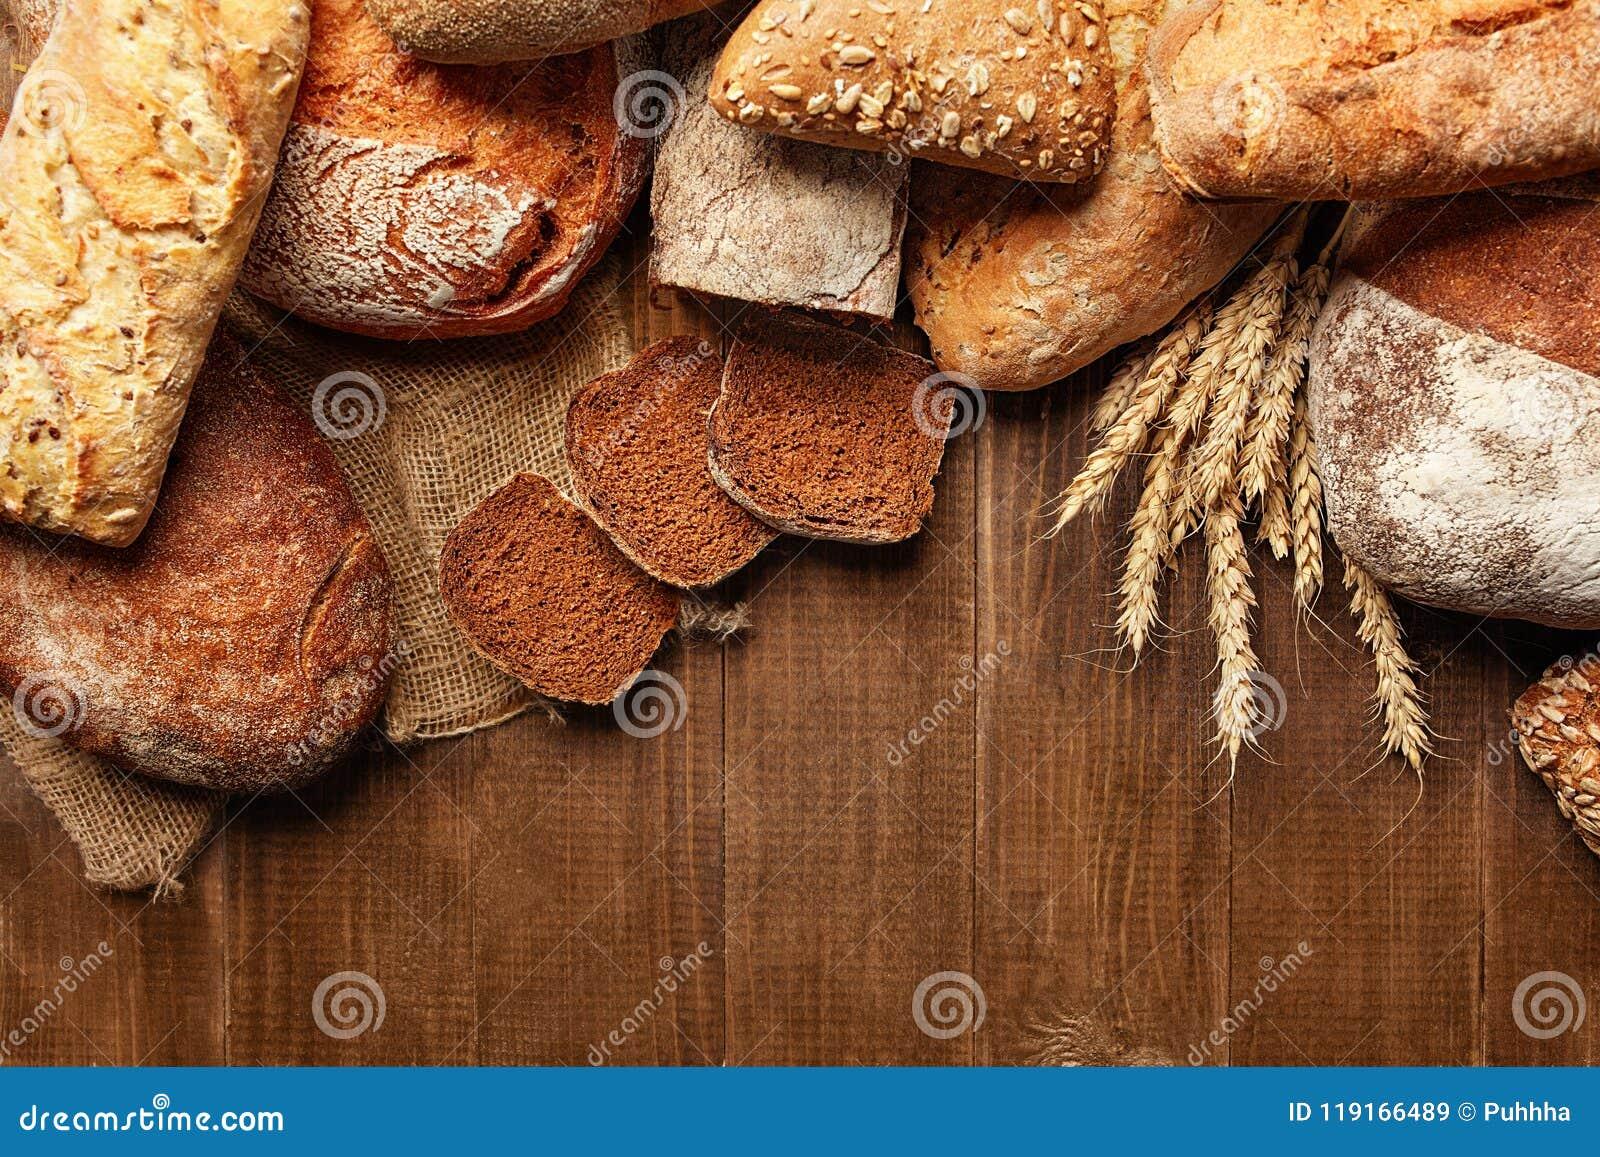 Panadería Pan en el fondo de madera